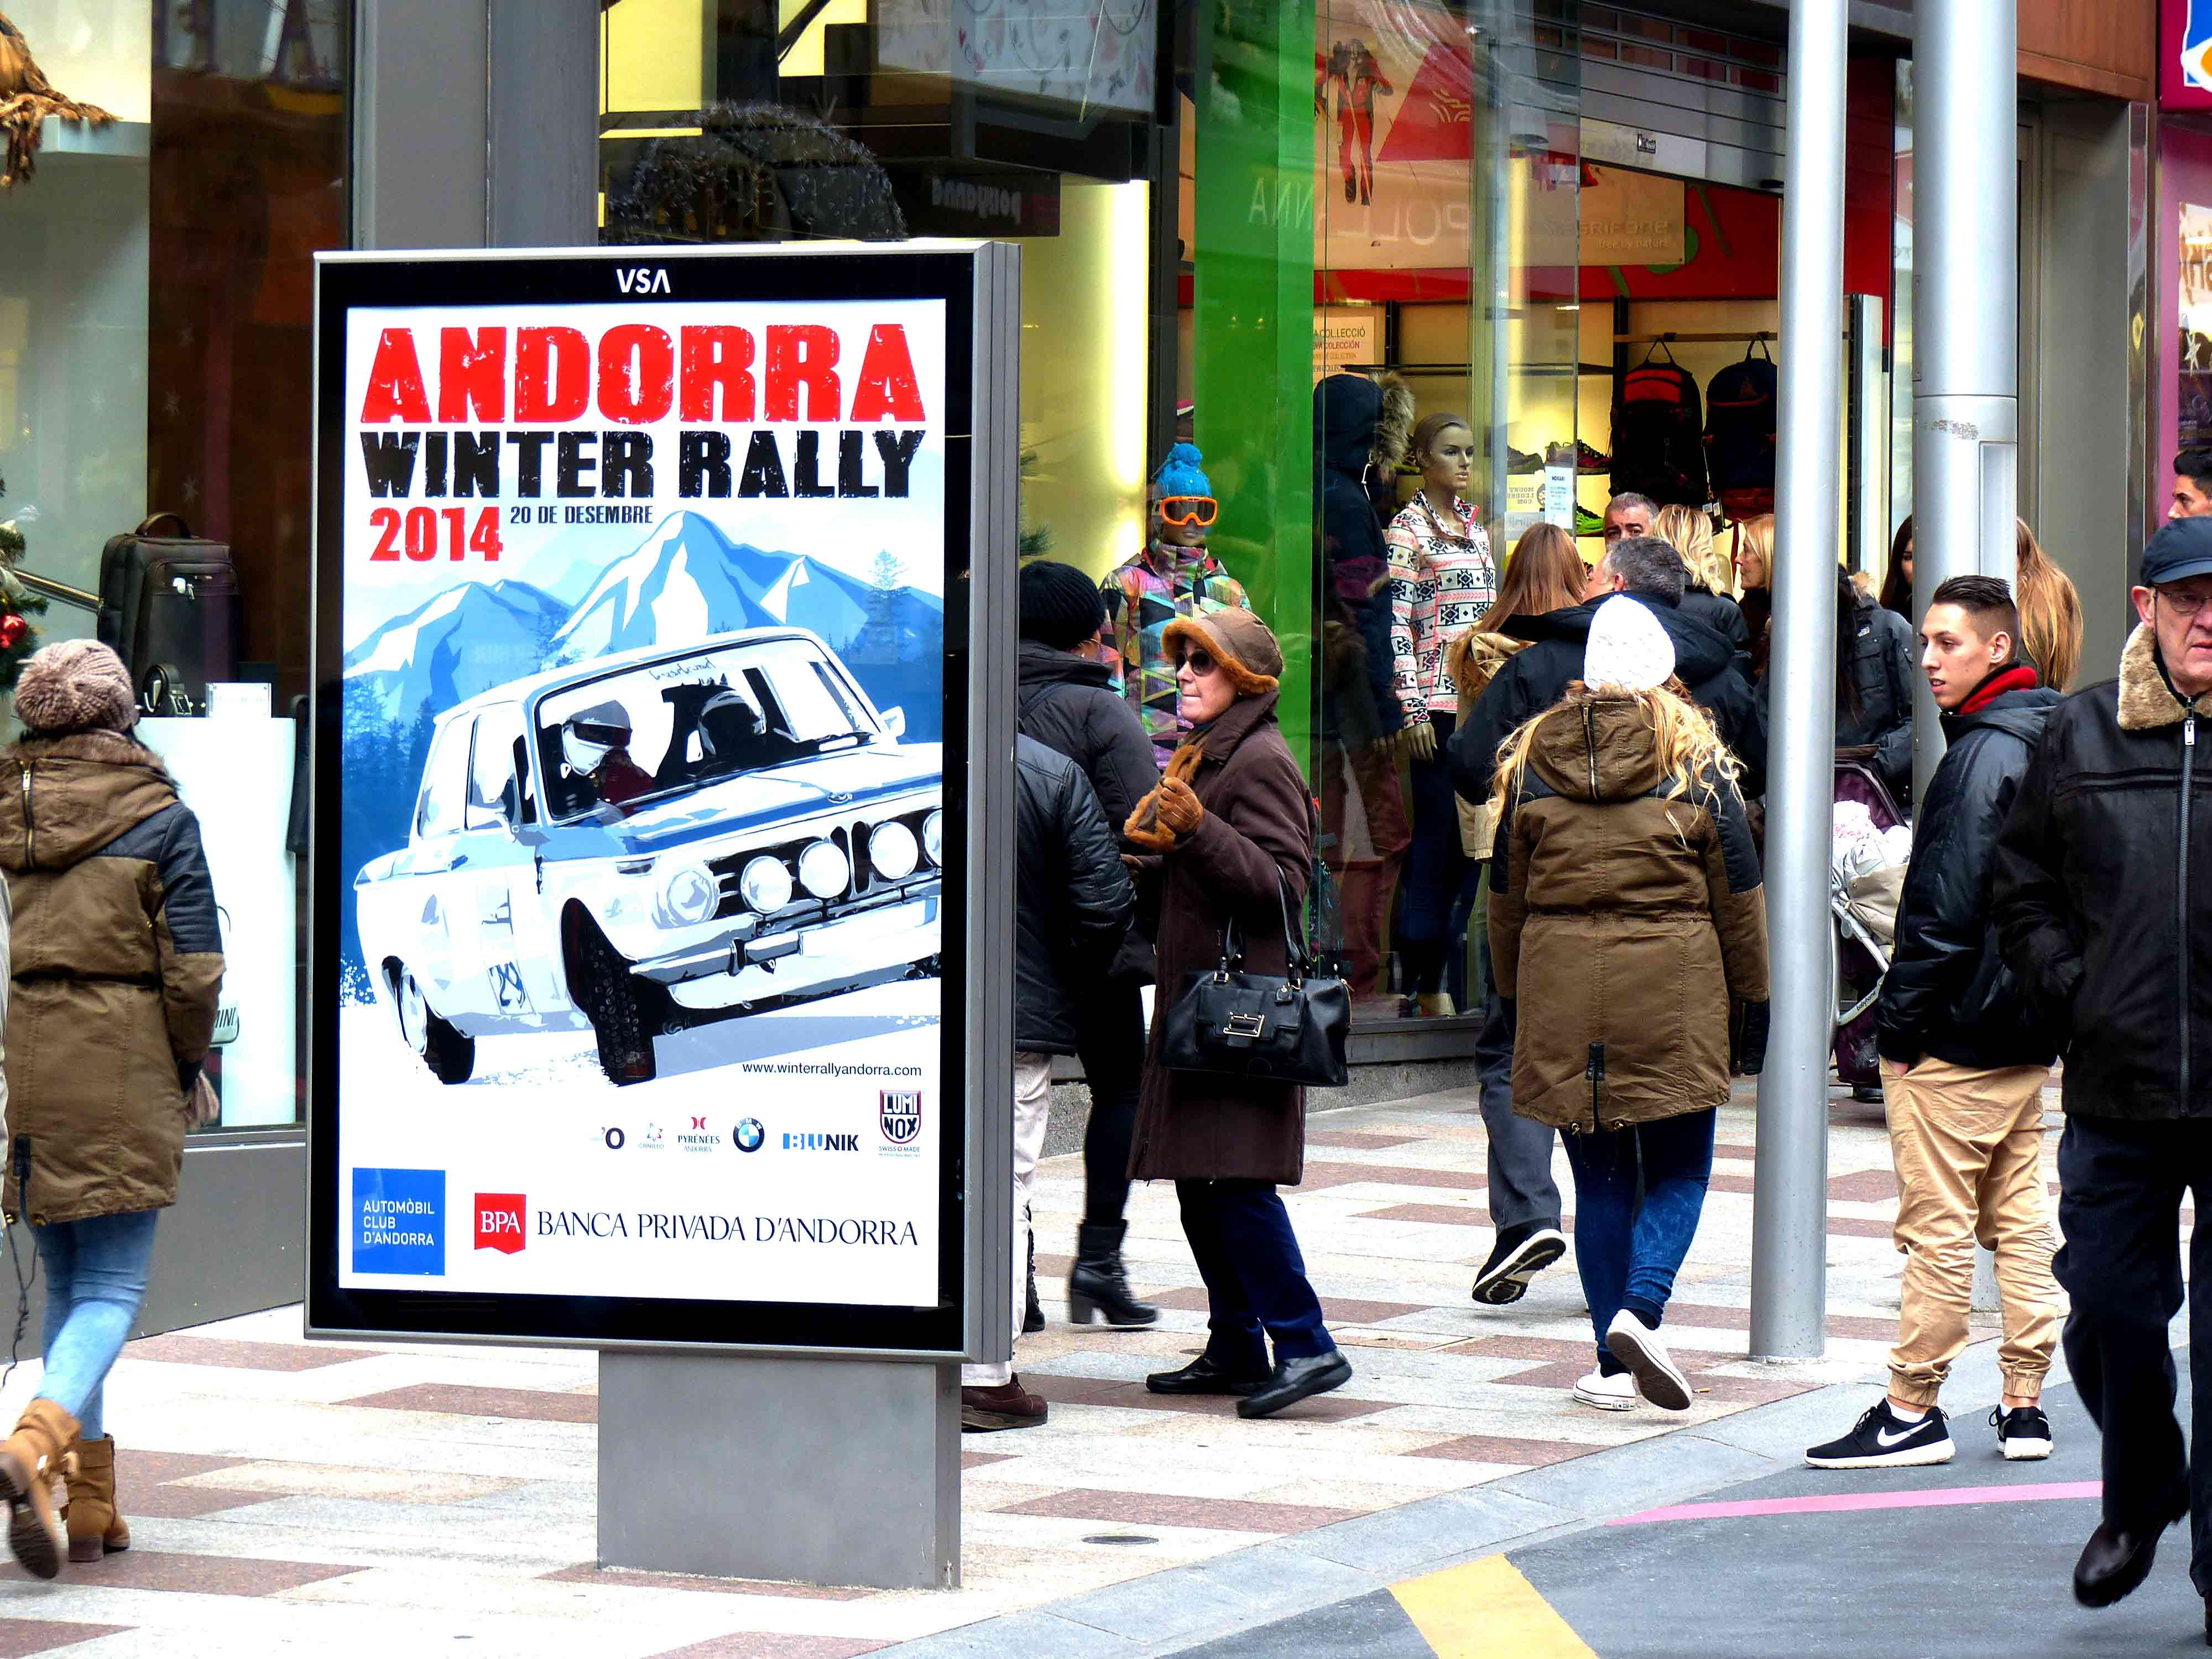 mobiliario-urbano-opi-publicidad-exterior-bpa-cerca-andorra-vsa-comunicacion